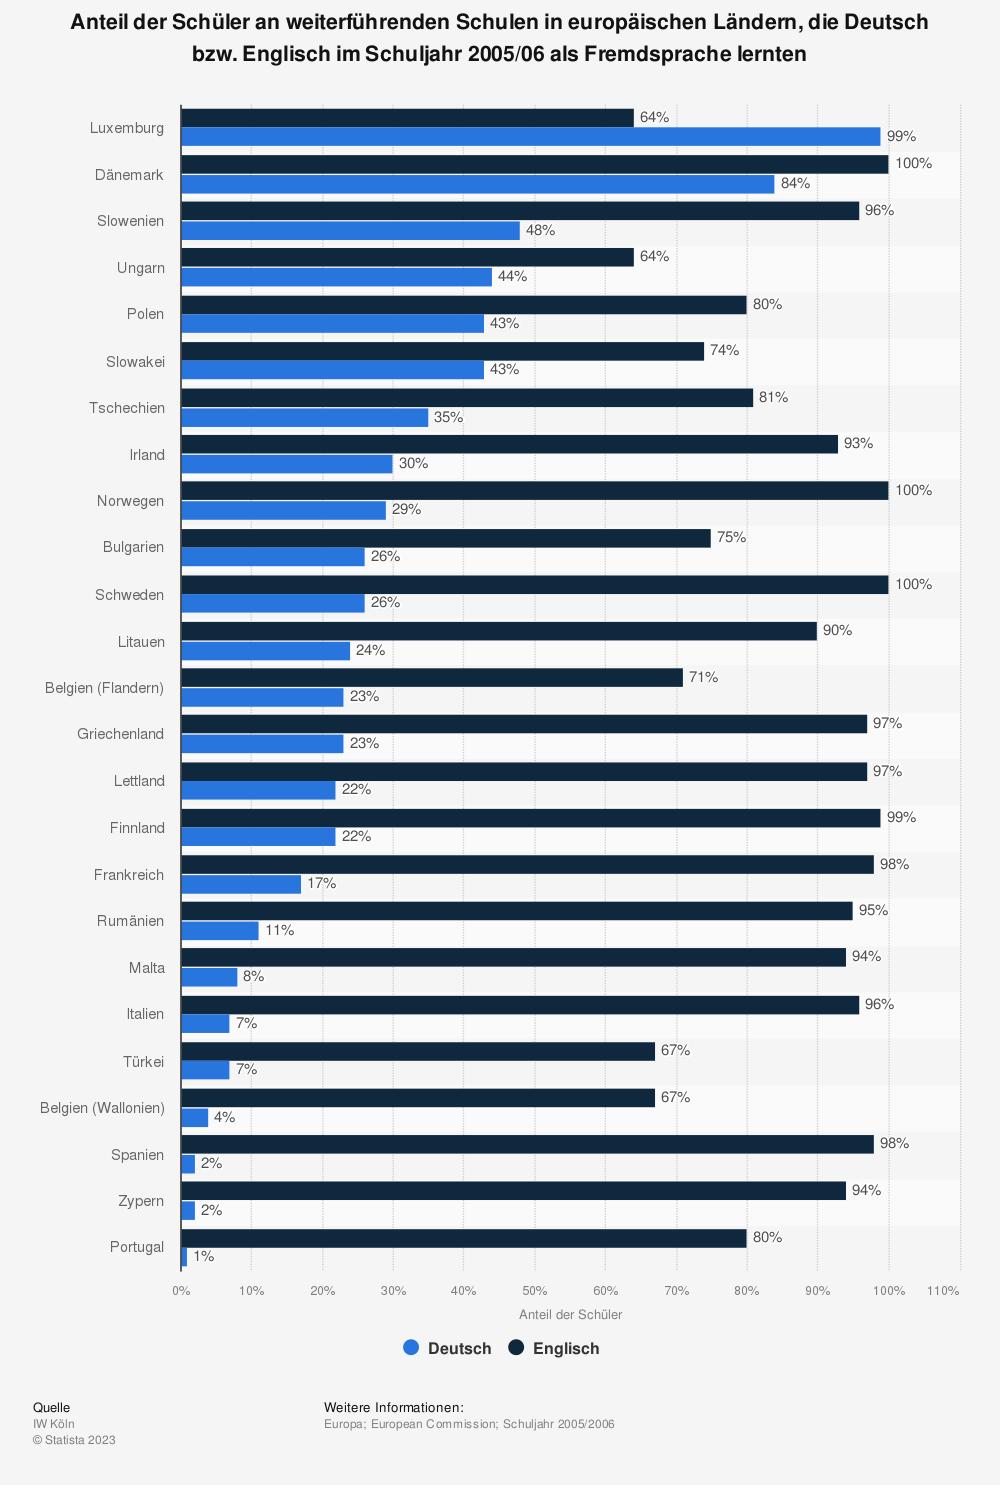 Statistik: Anteil der Schüler an weiterführenden Schulen in europäischen Ländern, die Deutsch bzw. Englisch im Schuljahr 2005/06 als Fremdsprache lernten | Statista